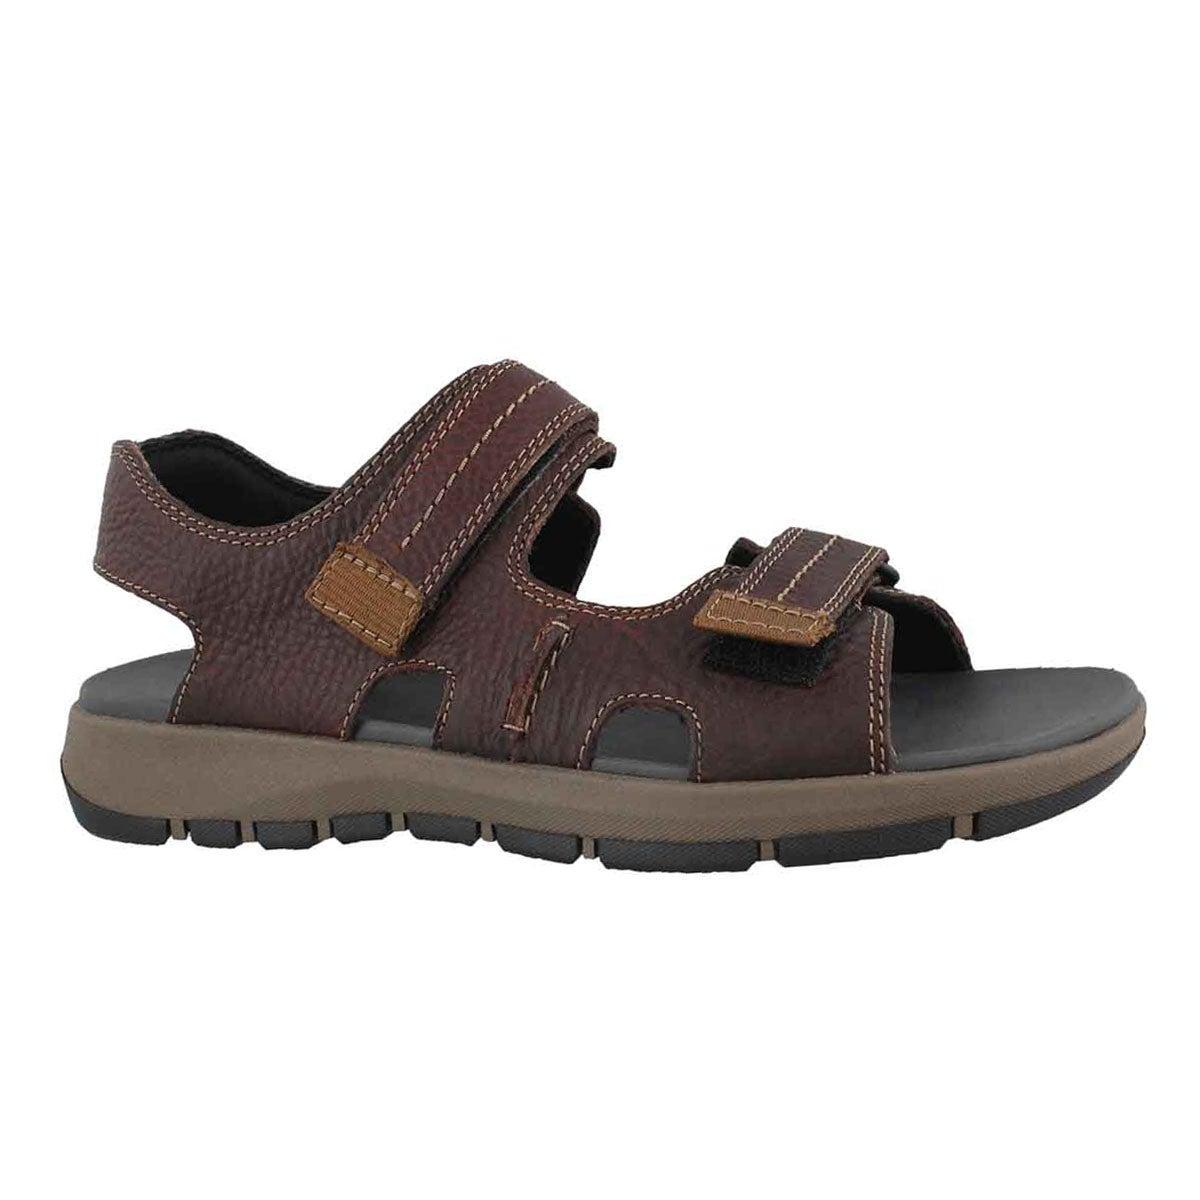 Men's BRIXBY SHORE brit tan casual sandals